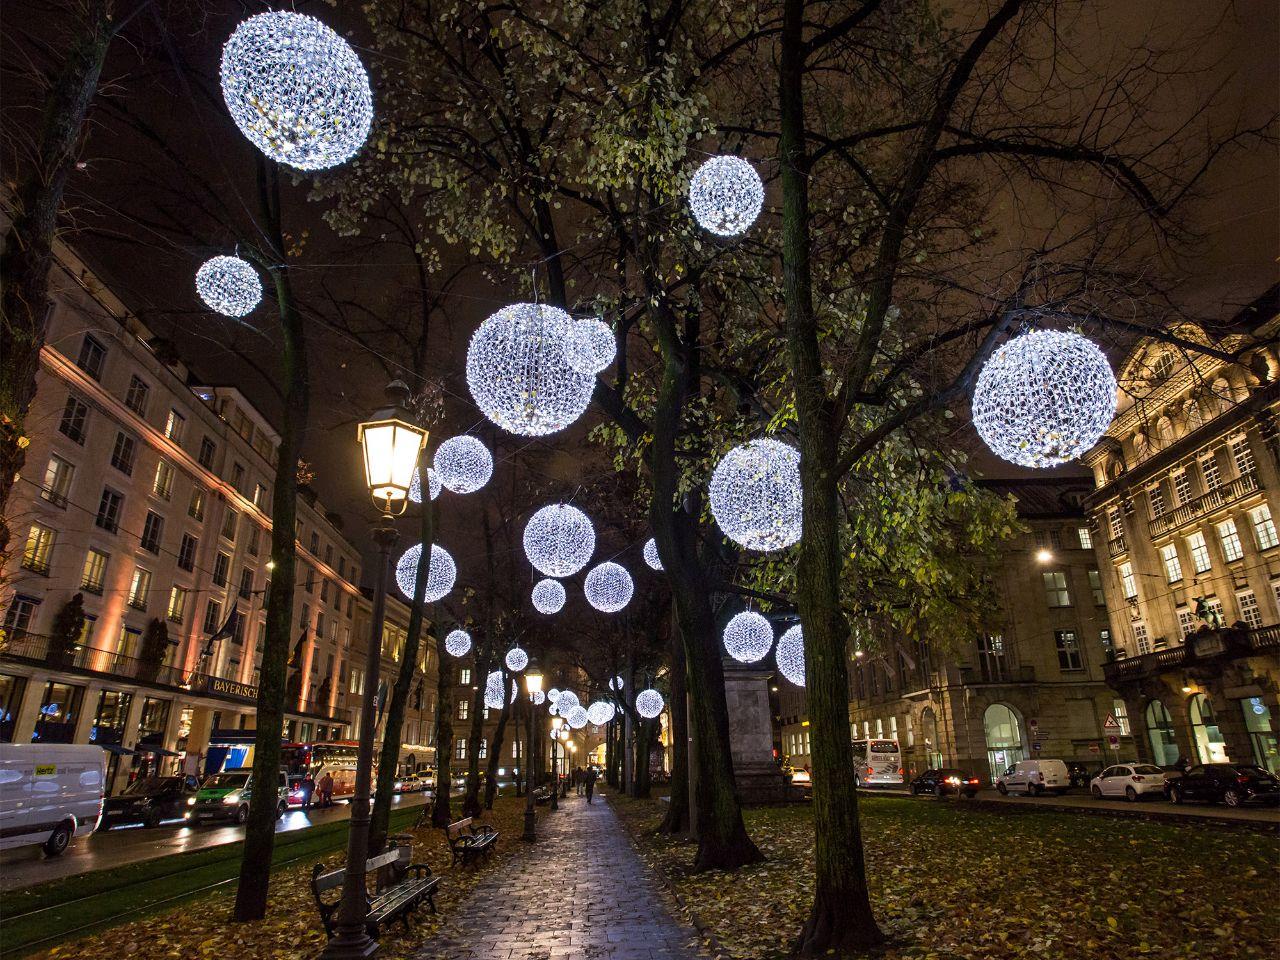 Weihnachtsbeleuchtung München.Wo München Wunderbar Weihnachtlich Leuchtet Das Offizielle